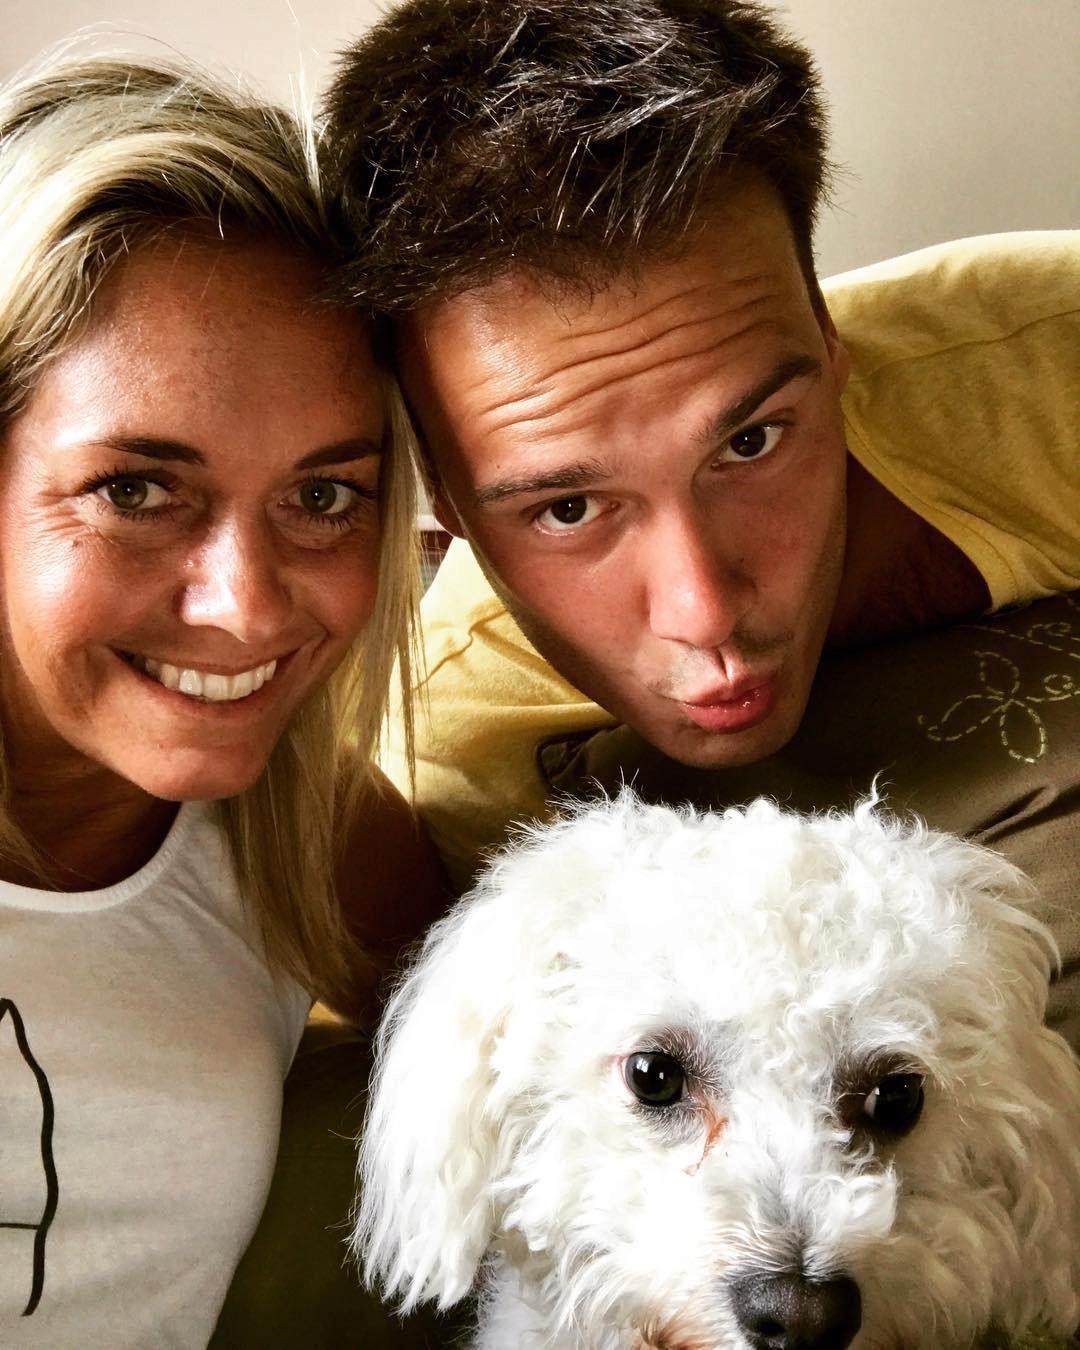 Bývalá tenistka Klára Koukalová a moderátor Petr Suchoň se budou brát